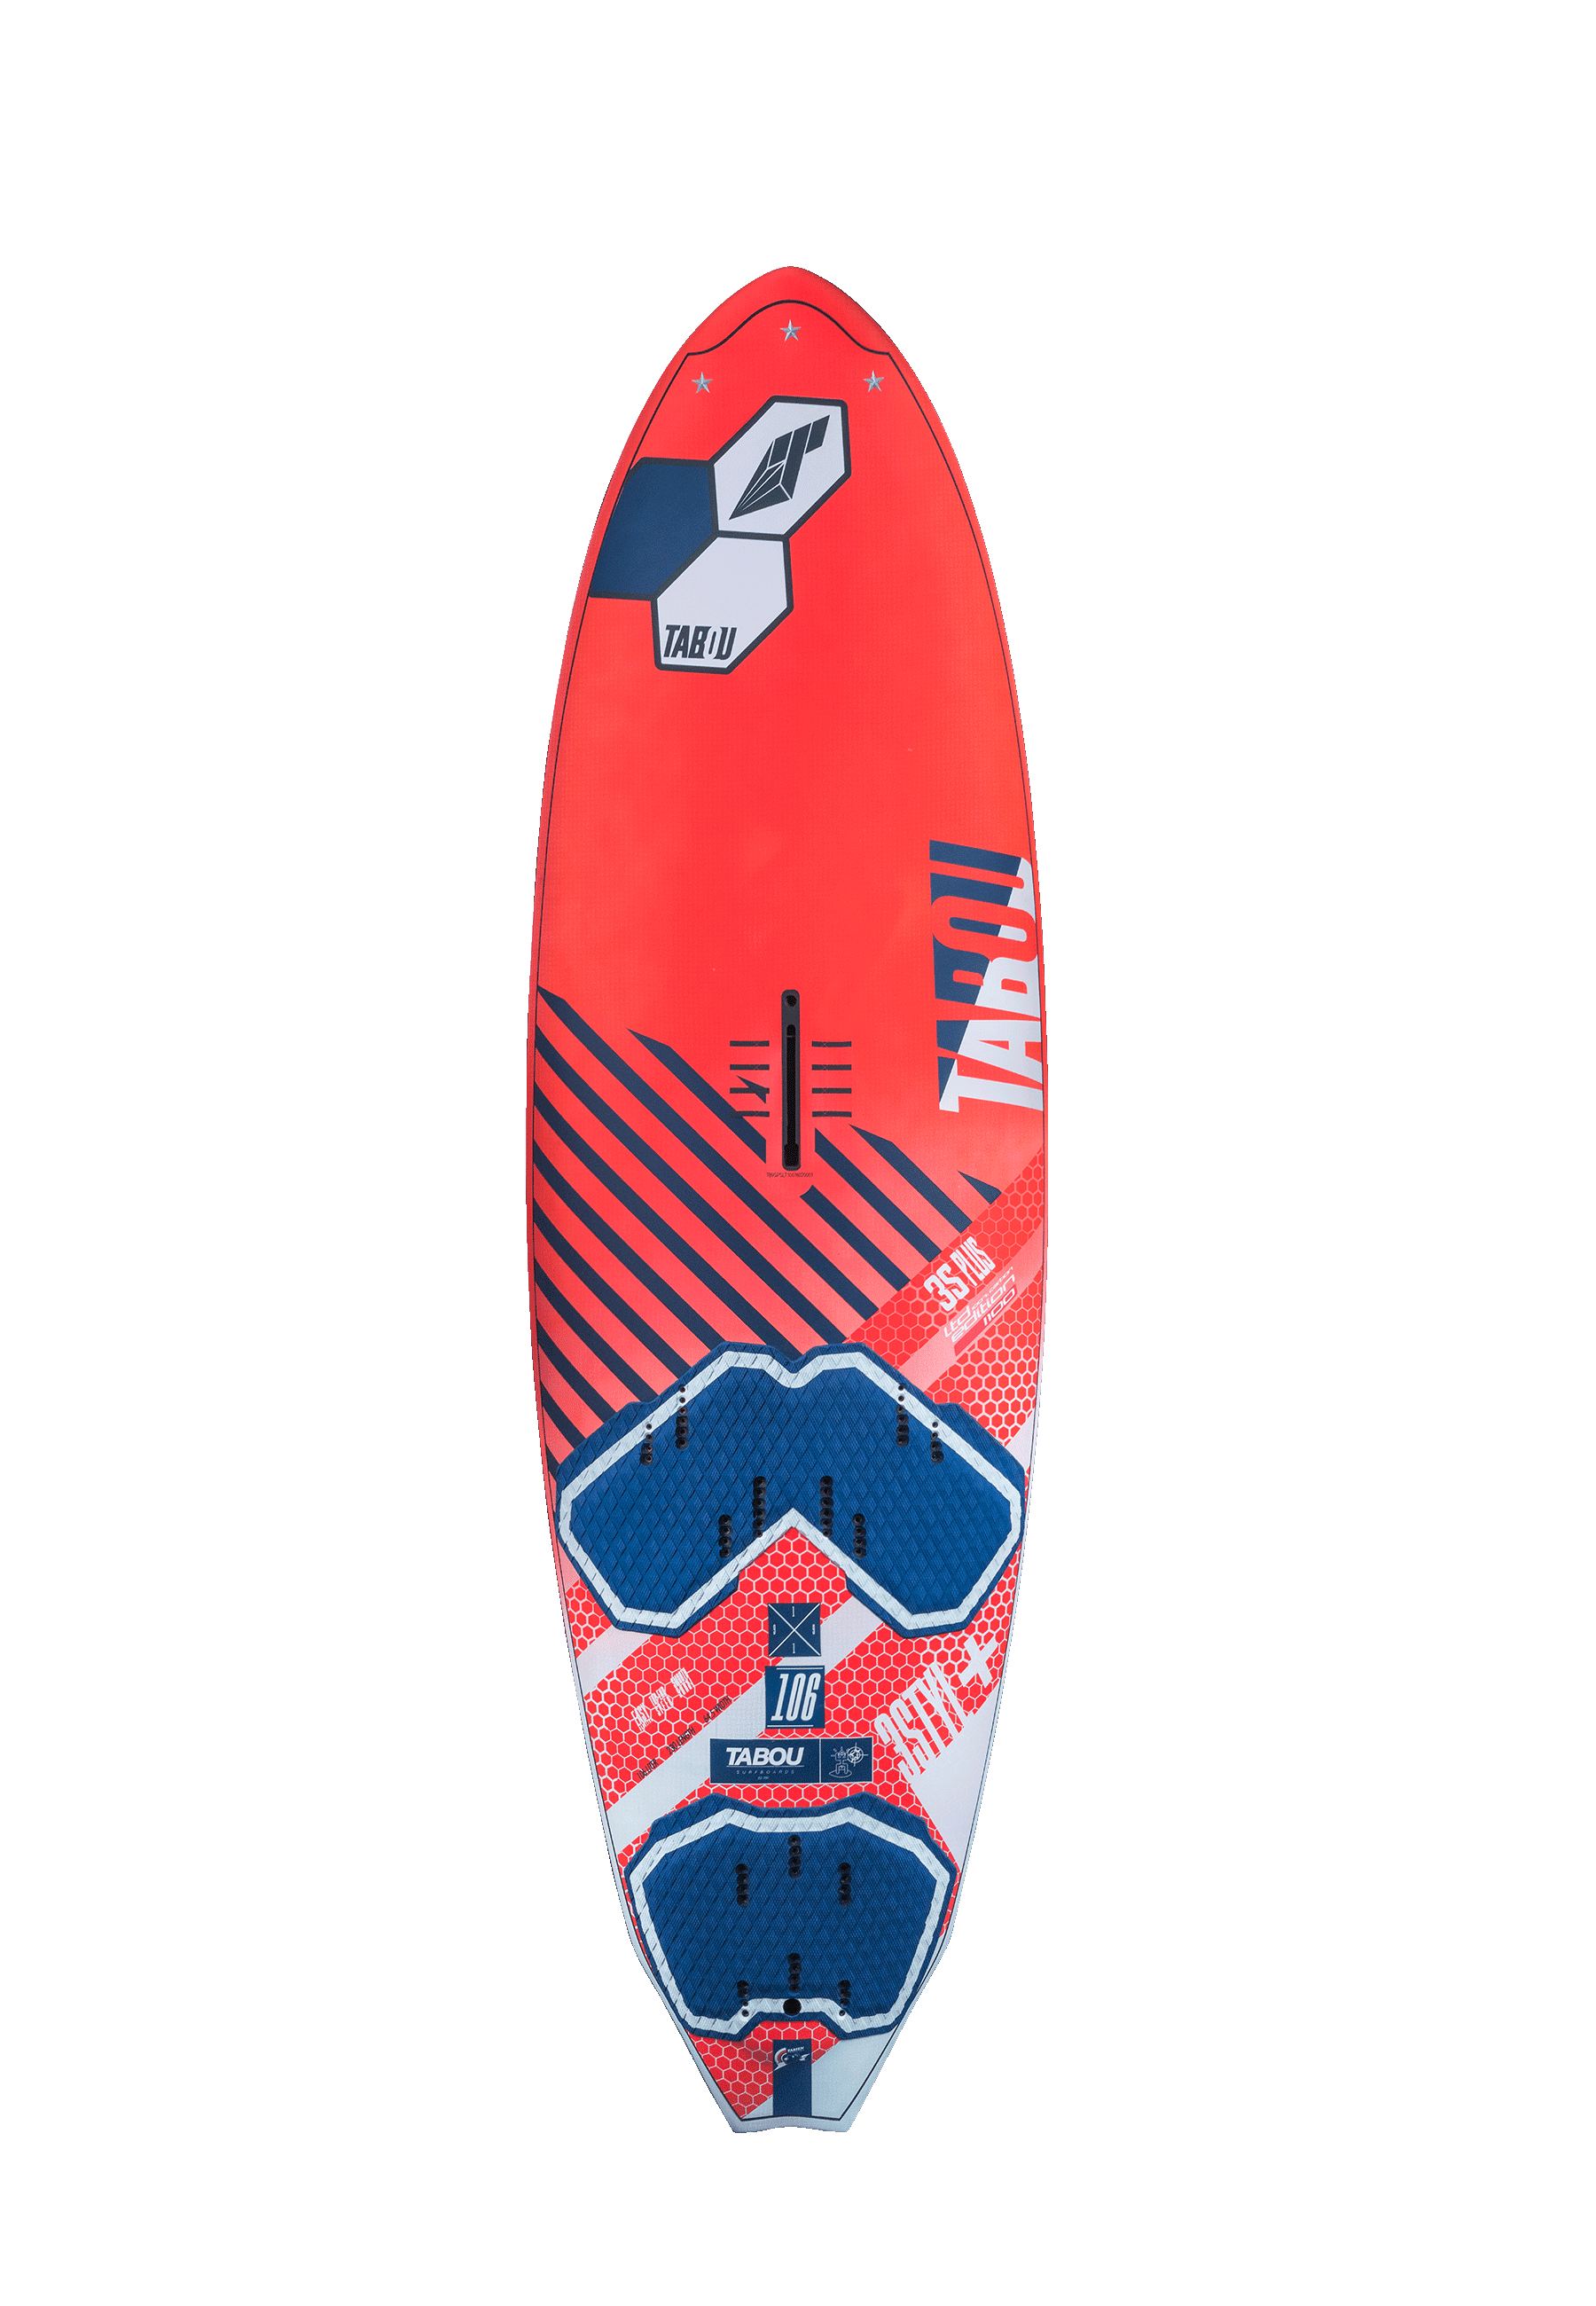 Tabou 3S plus LTD 2019